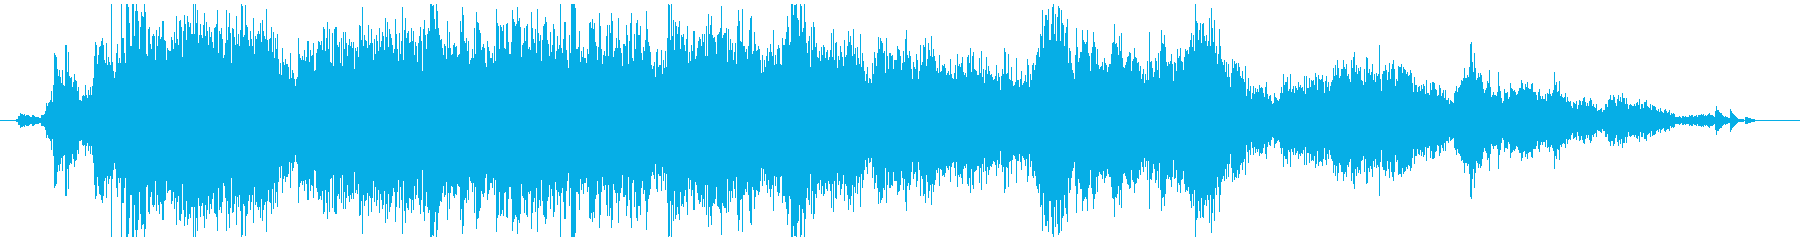 メタル ラウドミディアム04の再生済みの波形